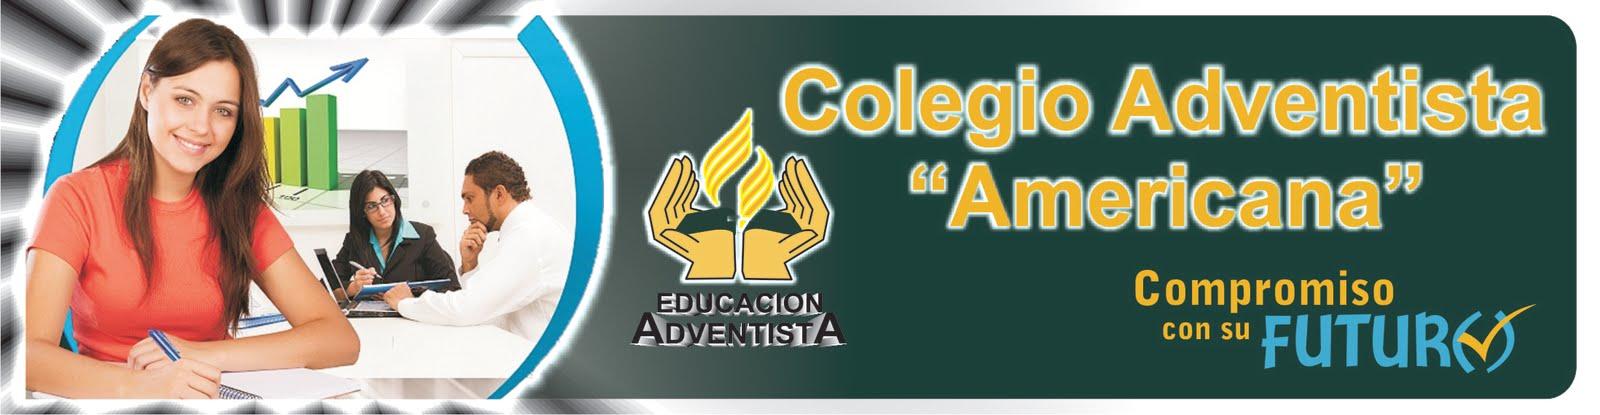 Colegio Adventista Americana